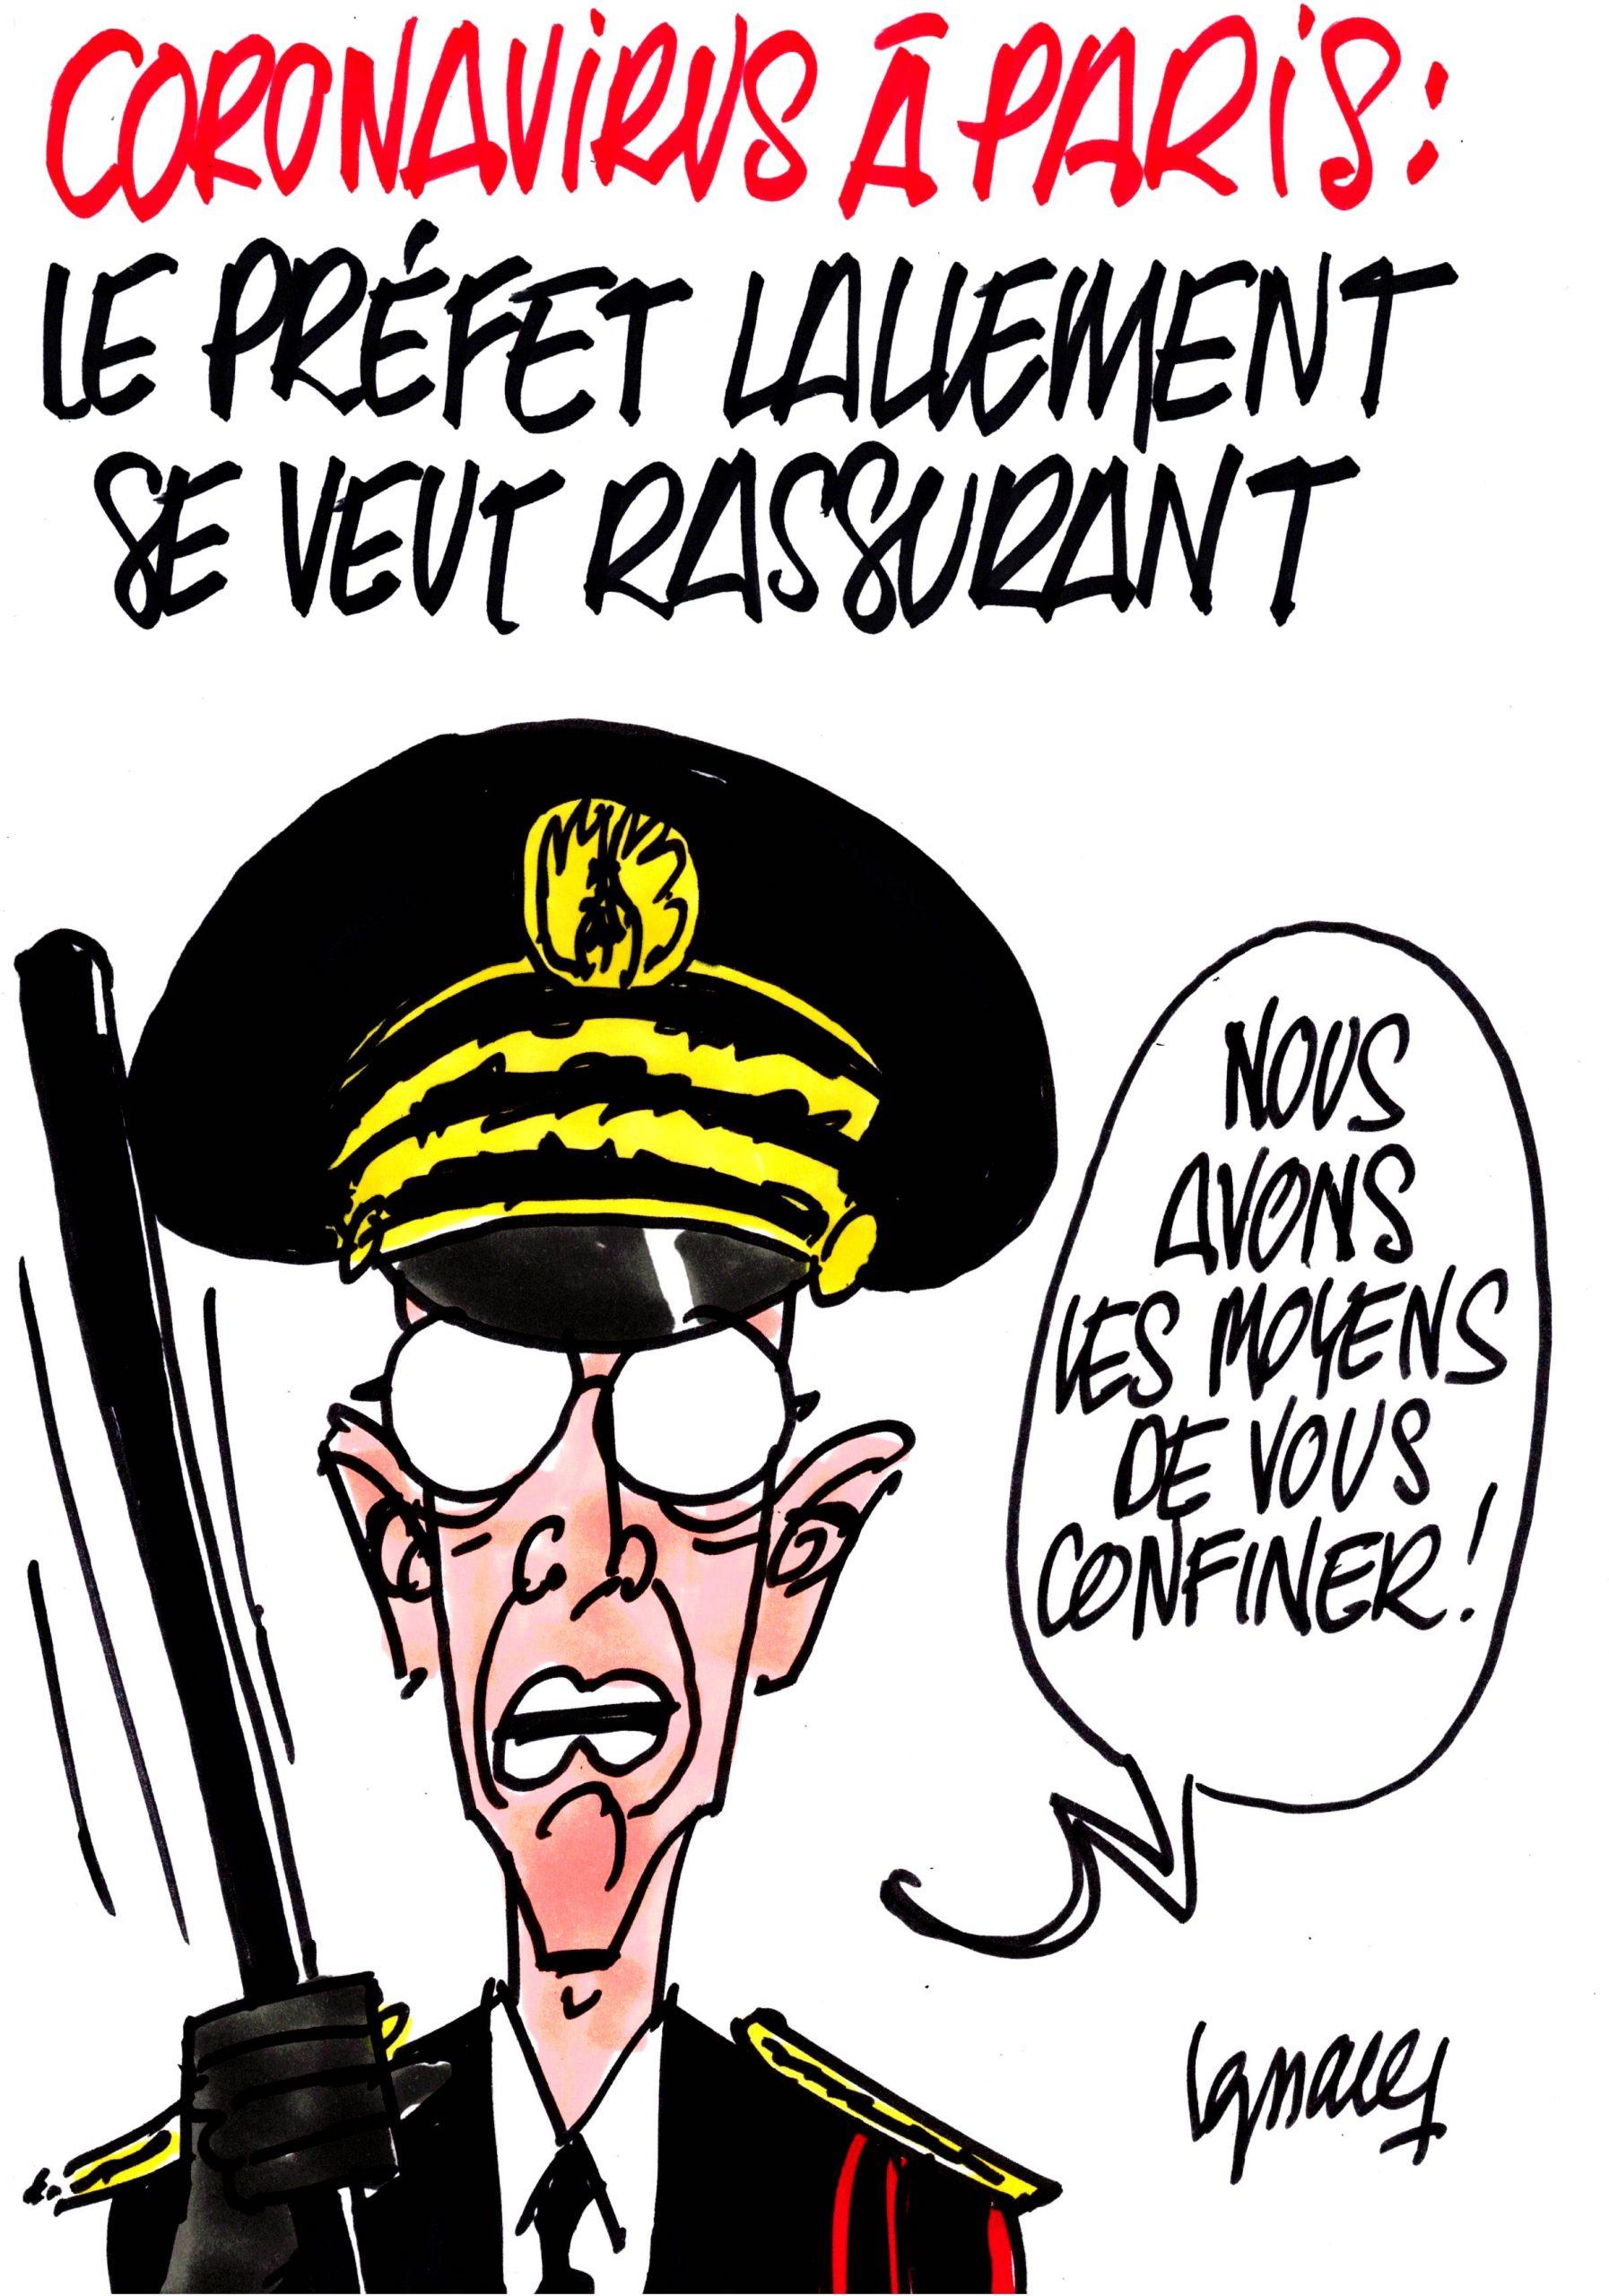 Ignace - Le préfet Lallement rassurant